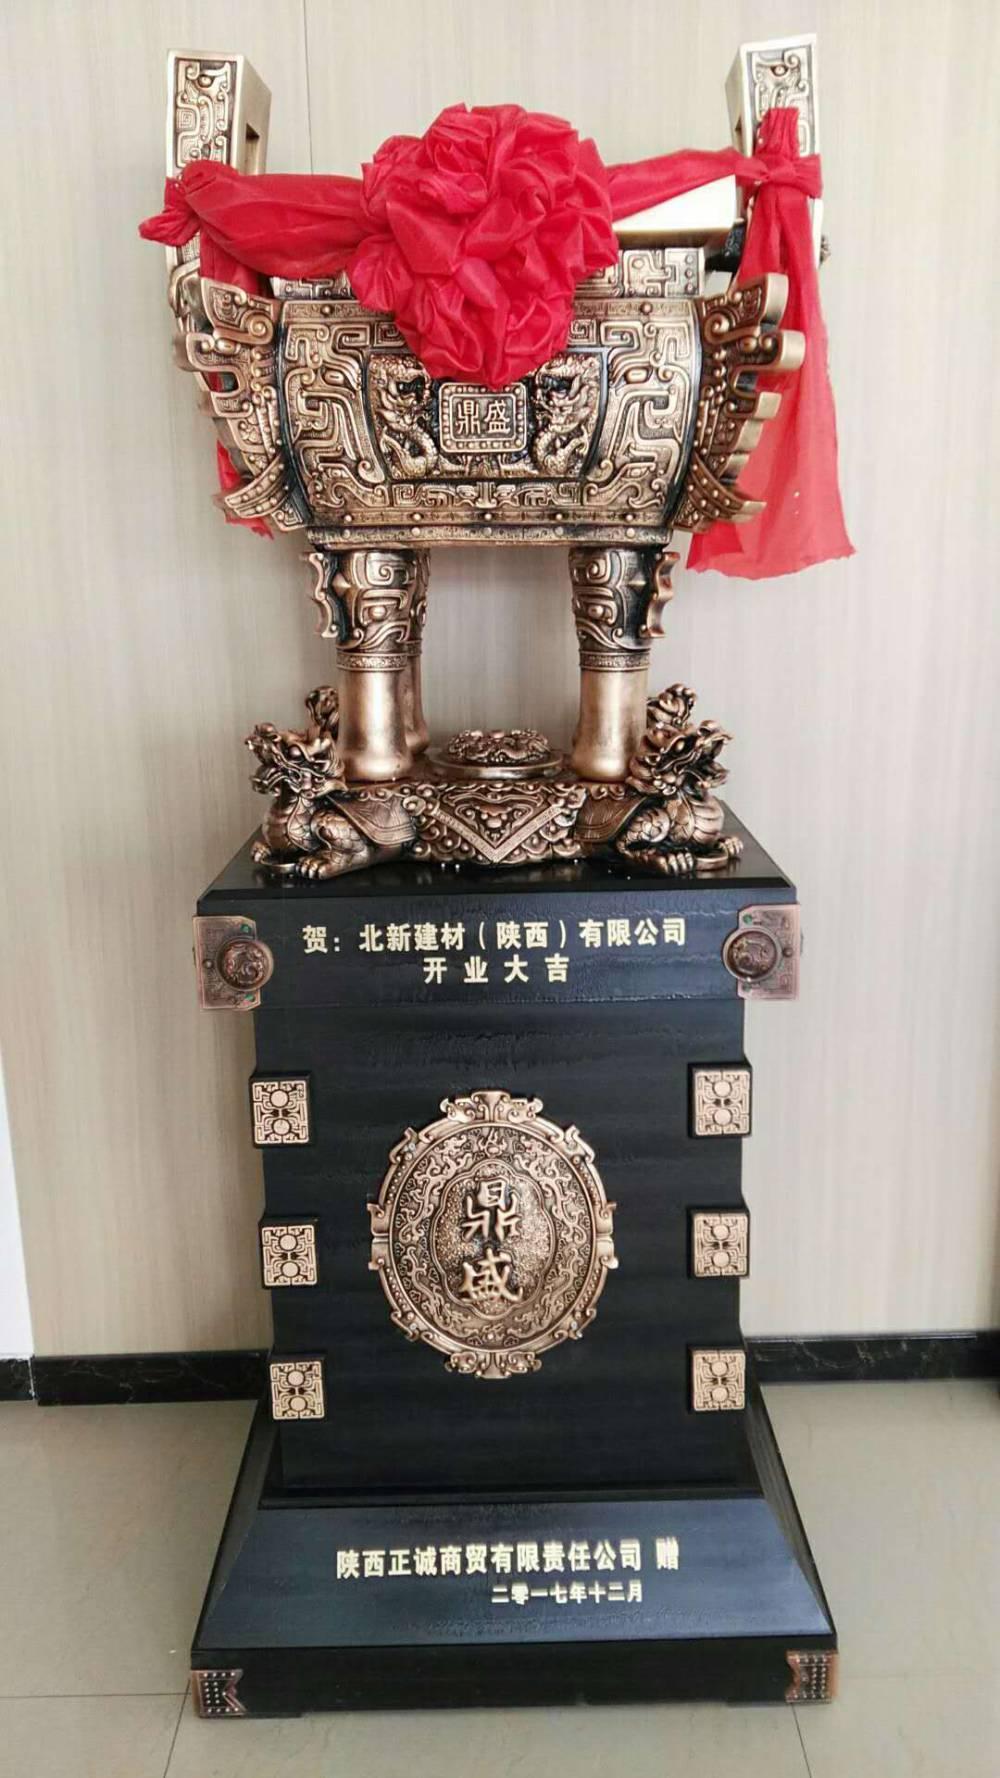 西安开业大件礼品两米龙鼎摆件 招财陶瓷大花瓶送庆典工艺品金箔做字